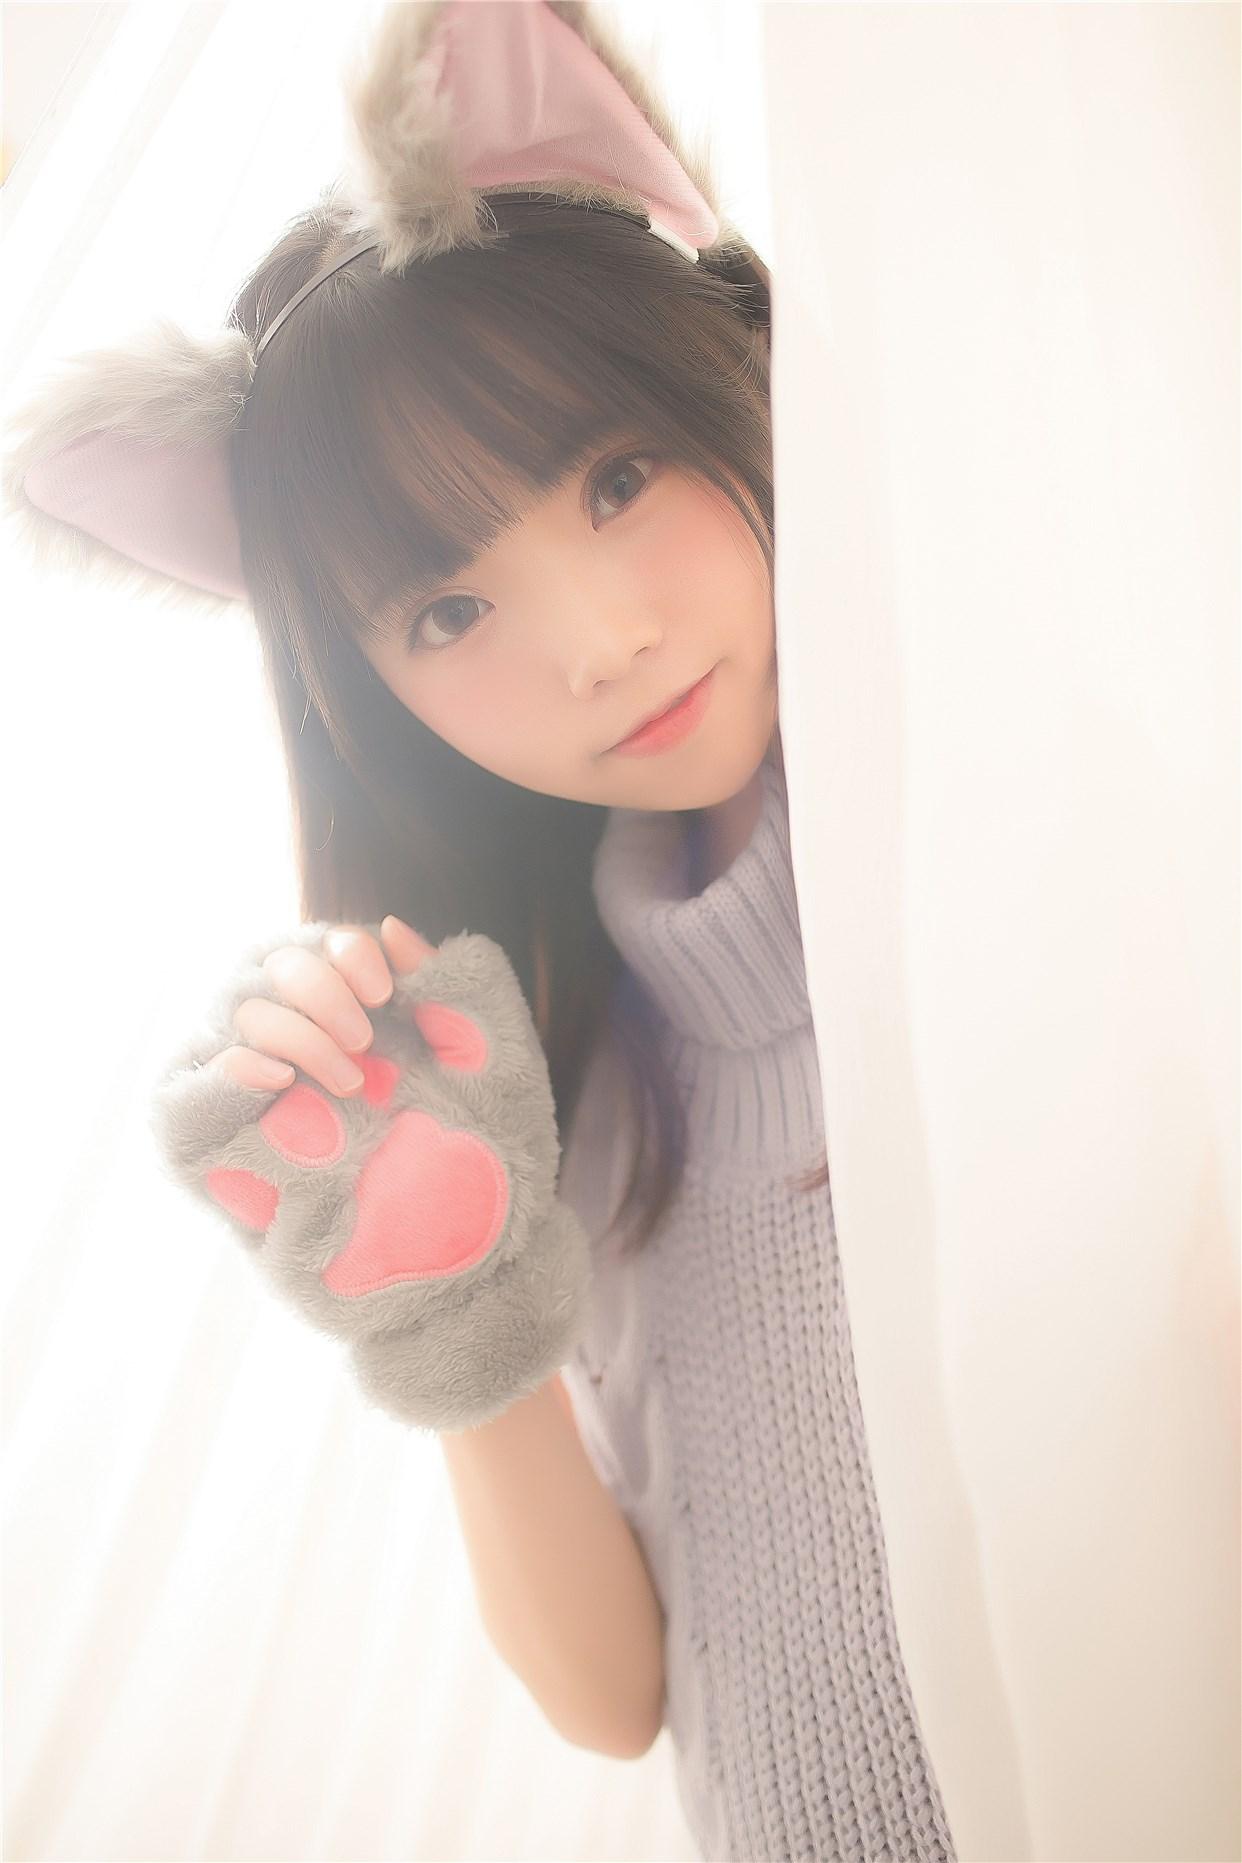 【兔玩映画】萌娘的露背毛衣 兔玩映画 第21张